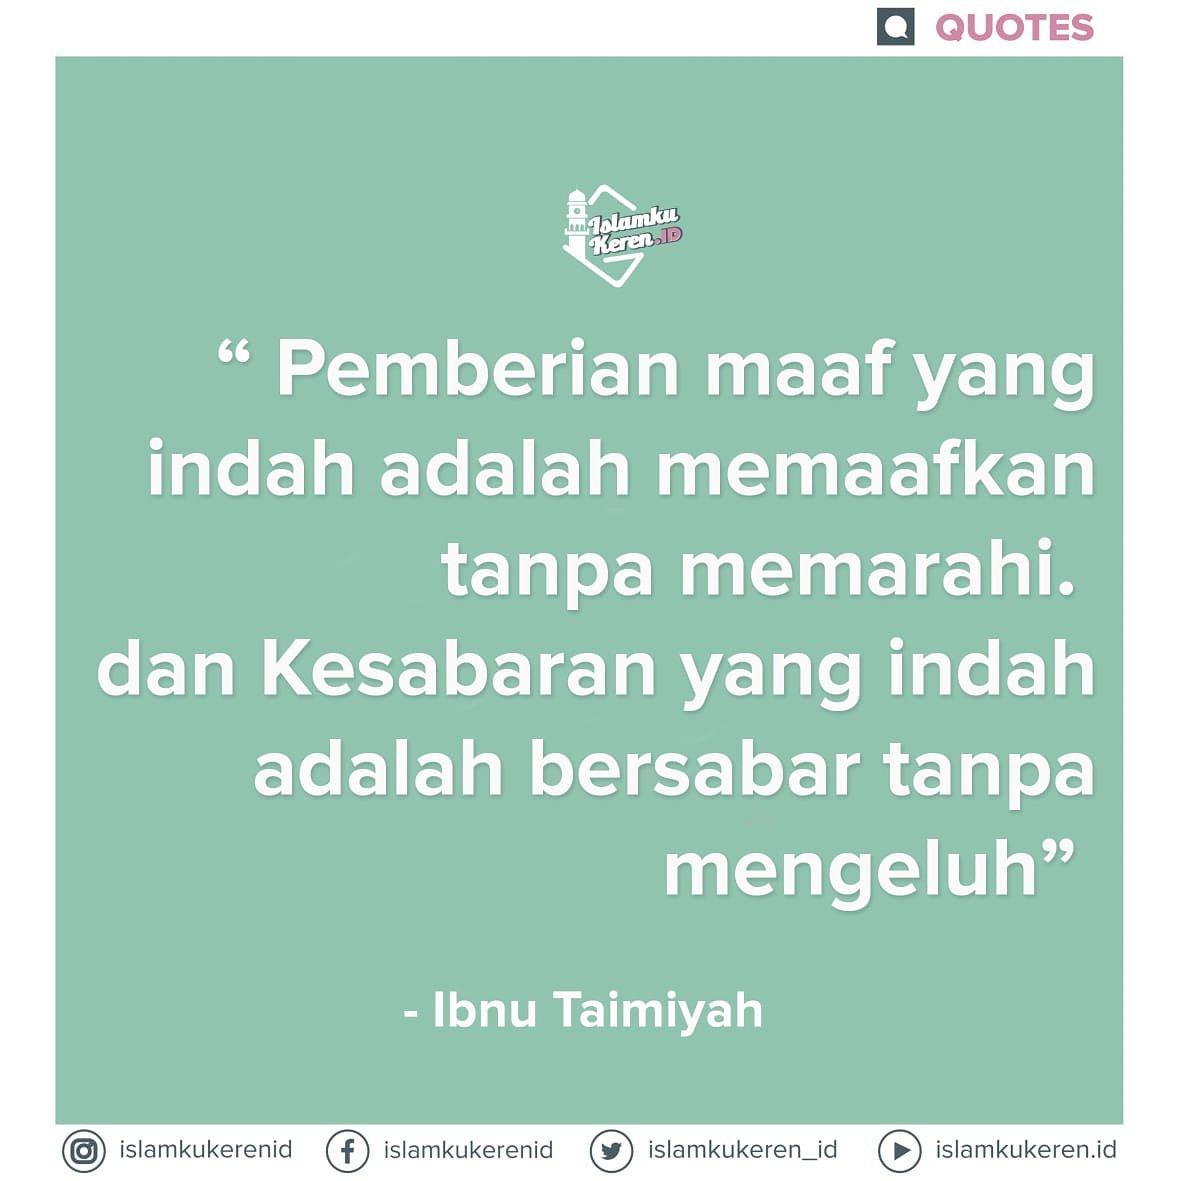 """""""Pemberian maaf yg indah adalah tanpa memarahi dab kesabaran yg indah adalah bersabar tanpa mengeluh"""" (Ibn Taimiyah) http://bit.ly/2WEWkX7"""